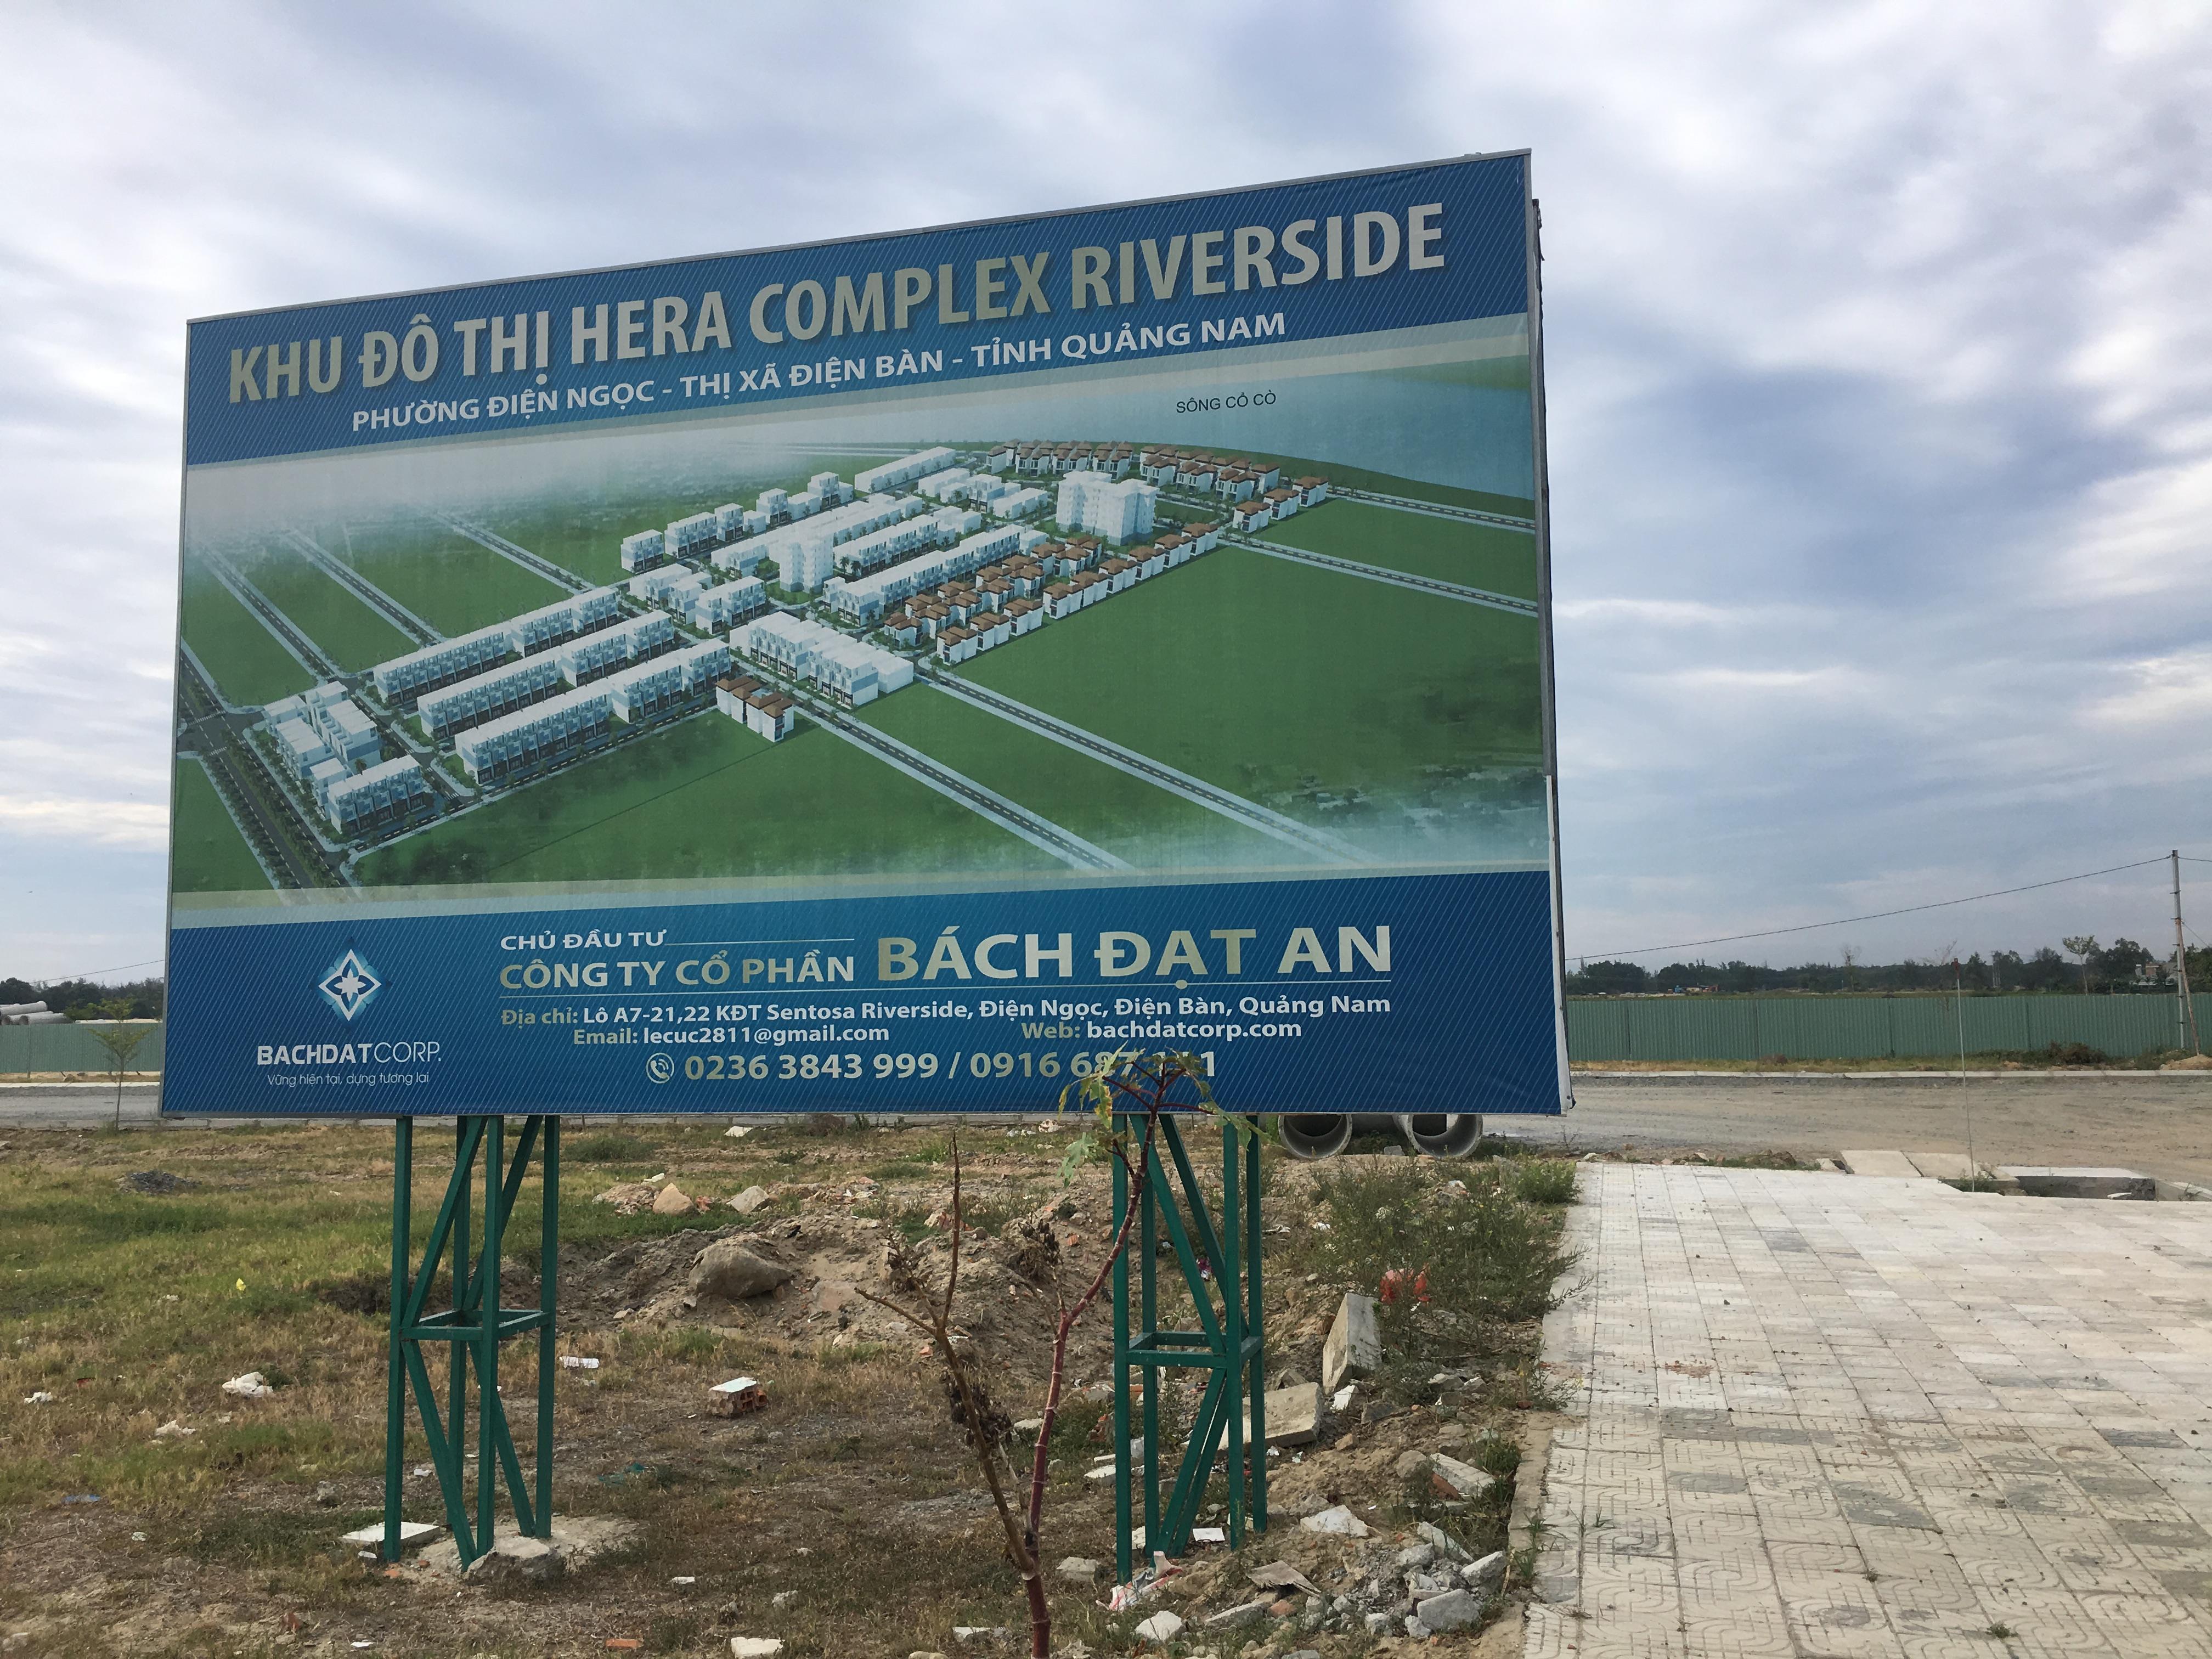 Quảng Nam 'thúc' Công ty CP Bách Đạt An triển khai 8 dự án đất nền - Ảnh 1.